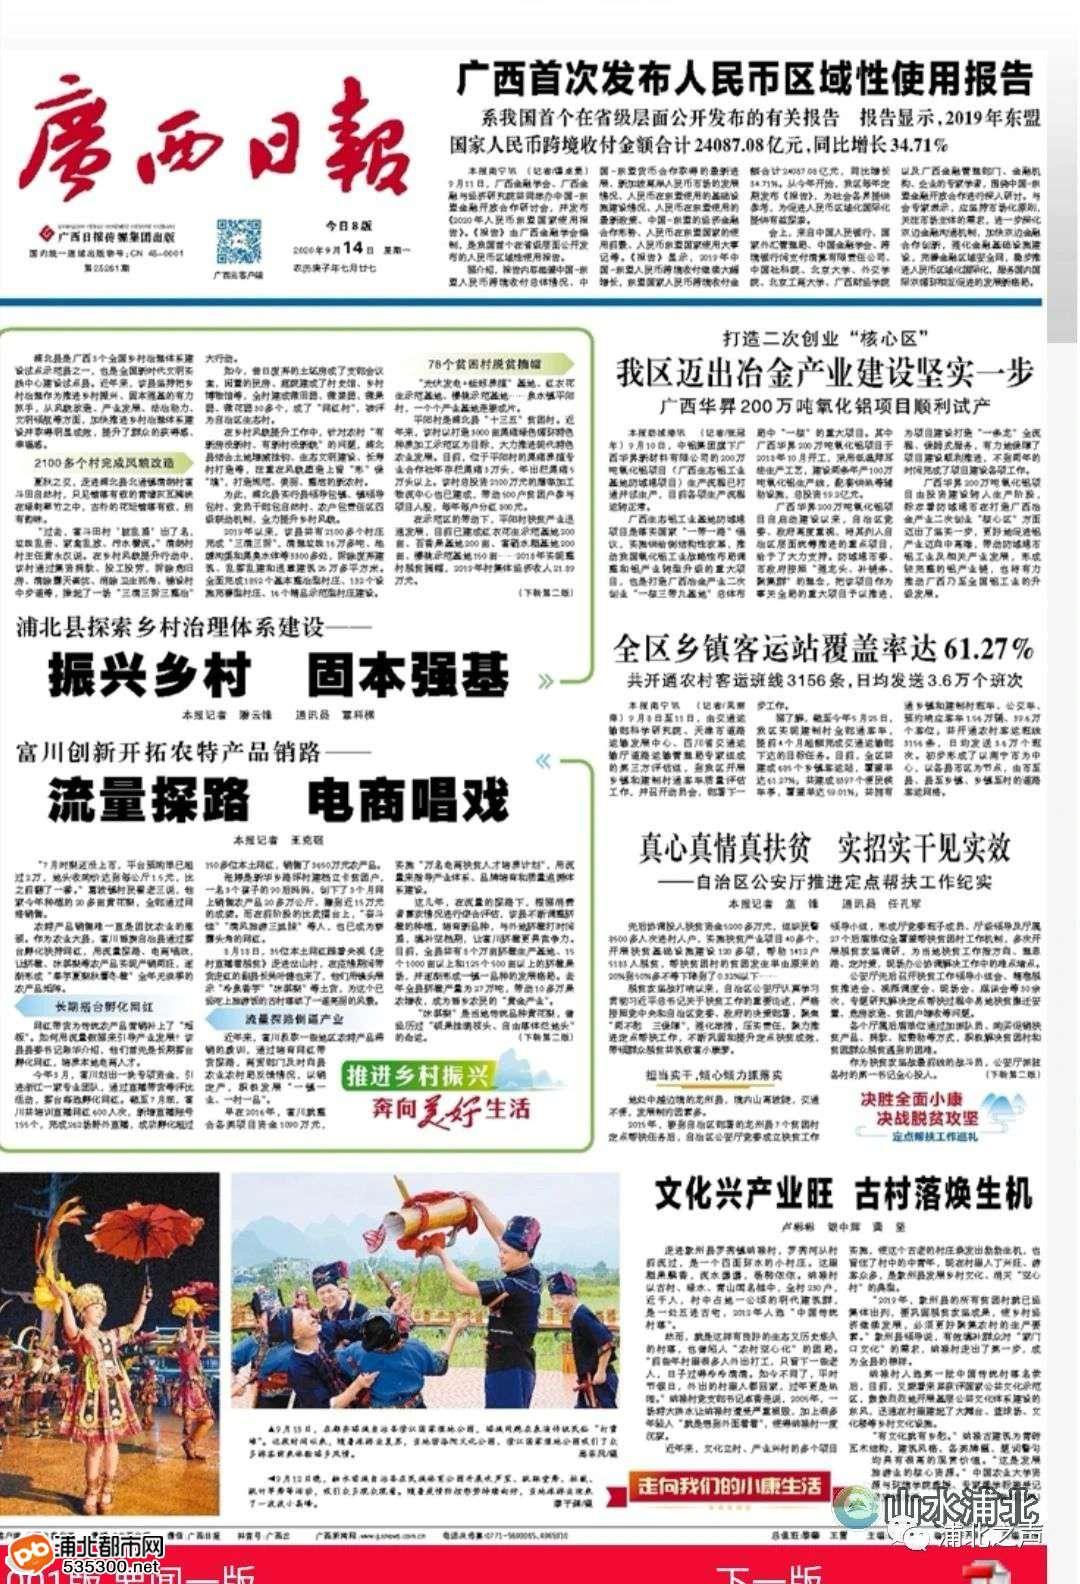 浦北上了《广西日报》头版头条